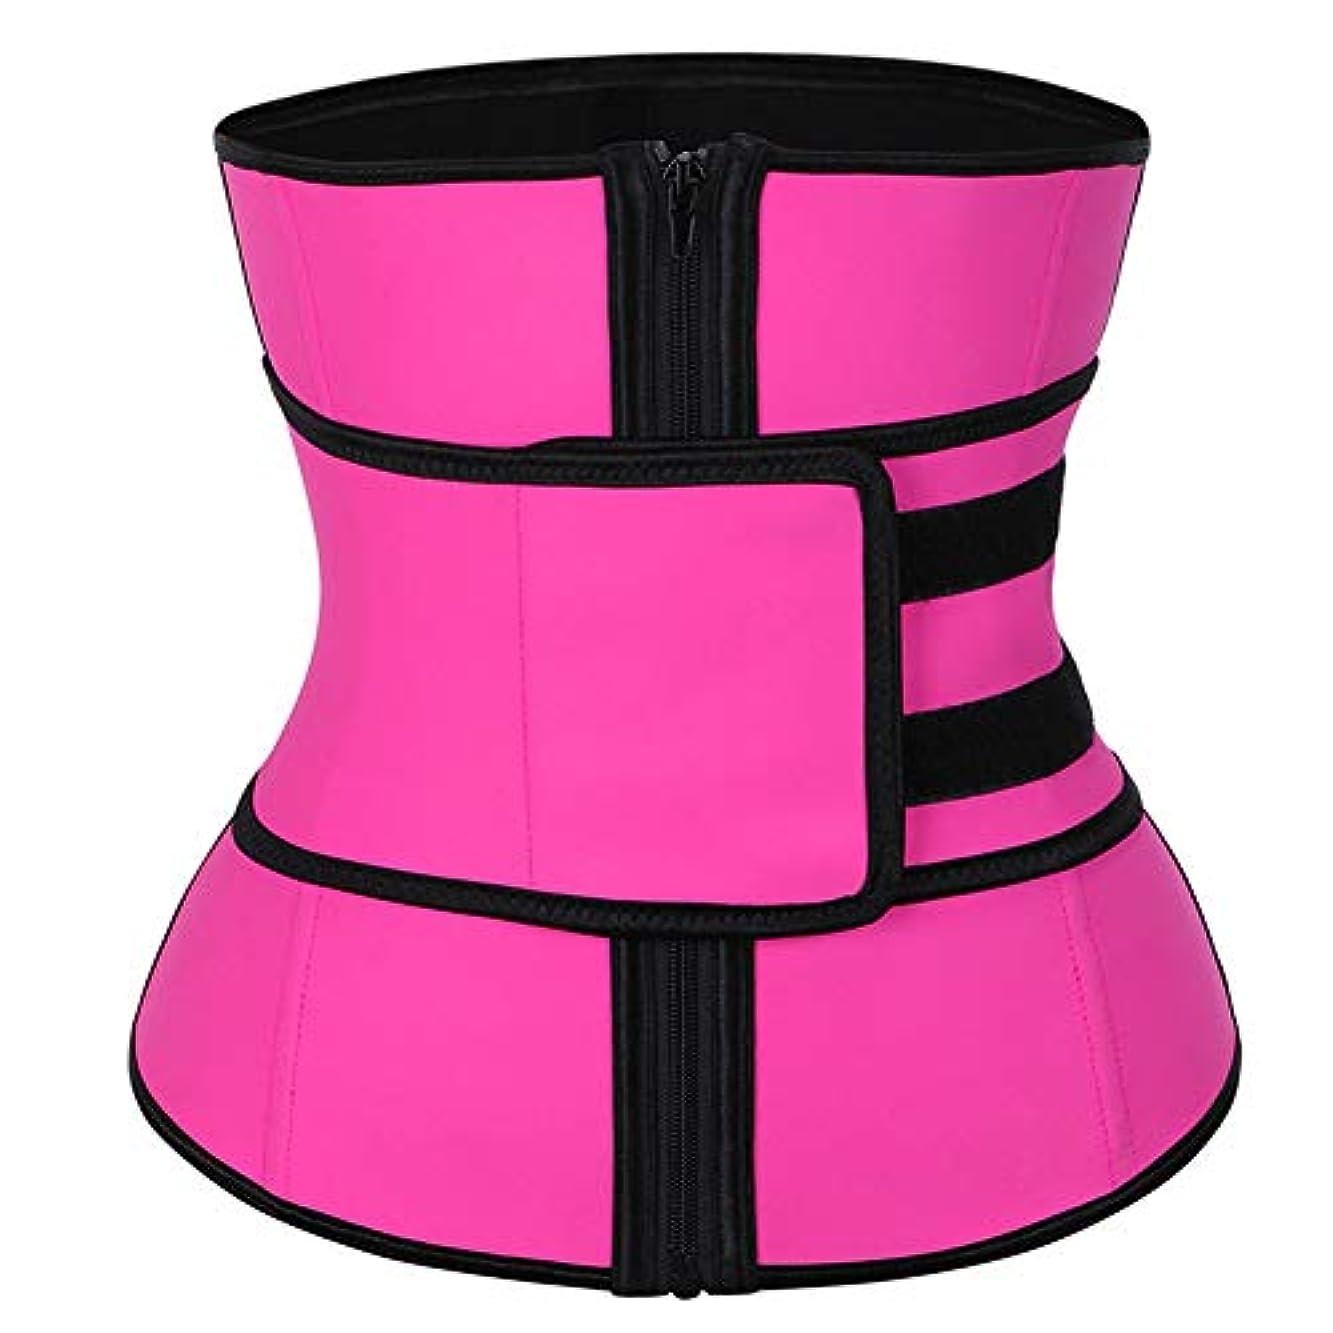 現実ほとんどない傀儡女性のウエストトレーニングコルセットコルセットネオプレン付きジッパーウエストスリムベルトラテックスラテックス通気性ウエストボディシェイプ,Pink,XL